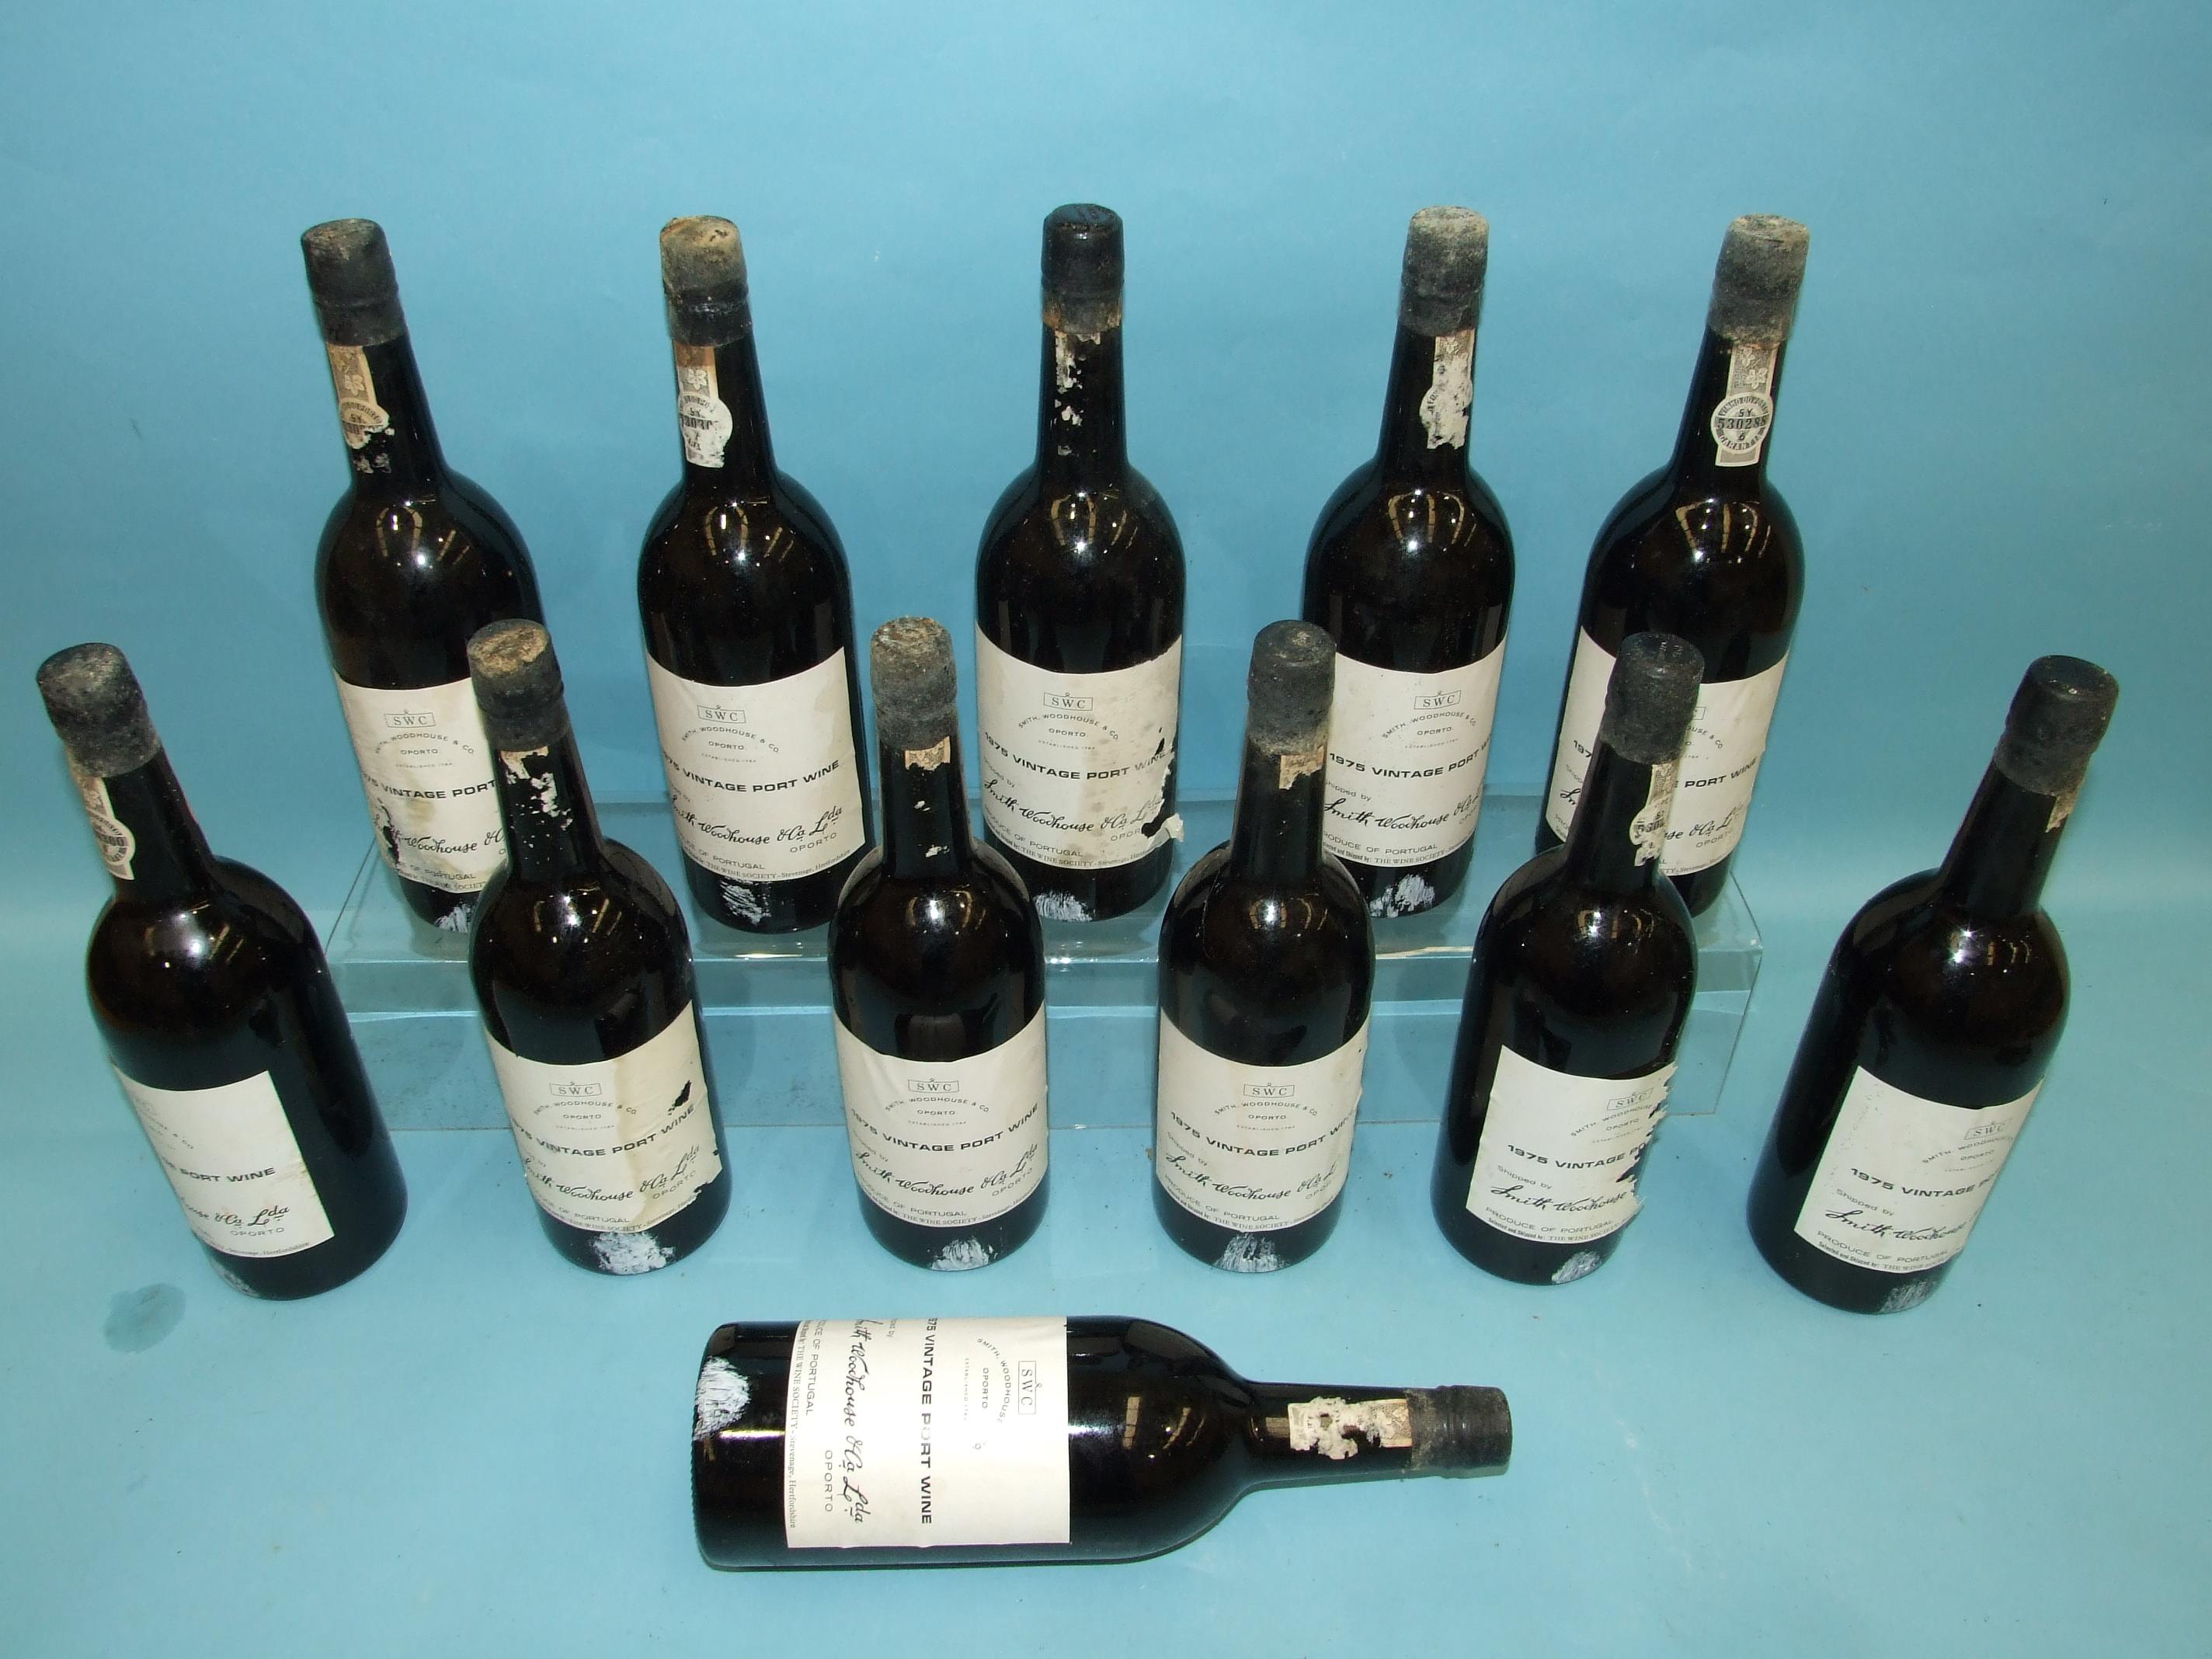 Smith Woodhouse & Co. Ltdvintage Port 1975, twelve bottles, in cardboard case, (some labels - Image 2 of 3